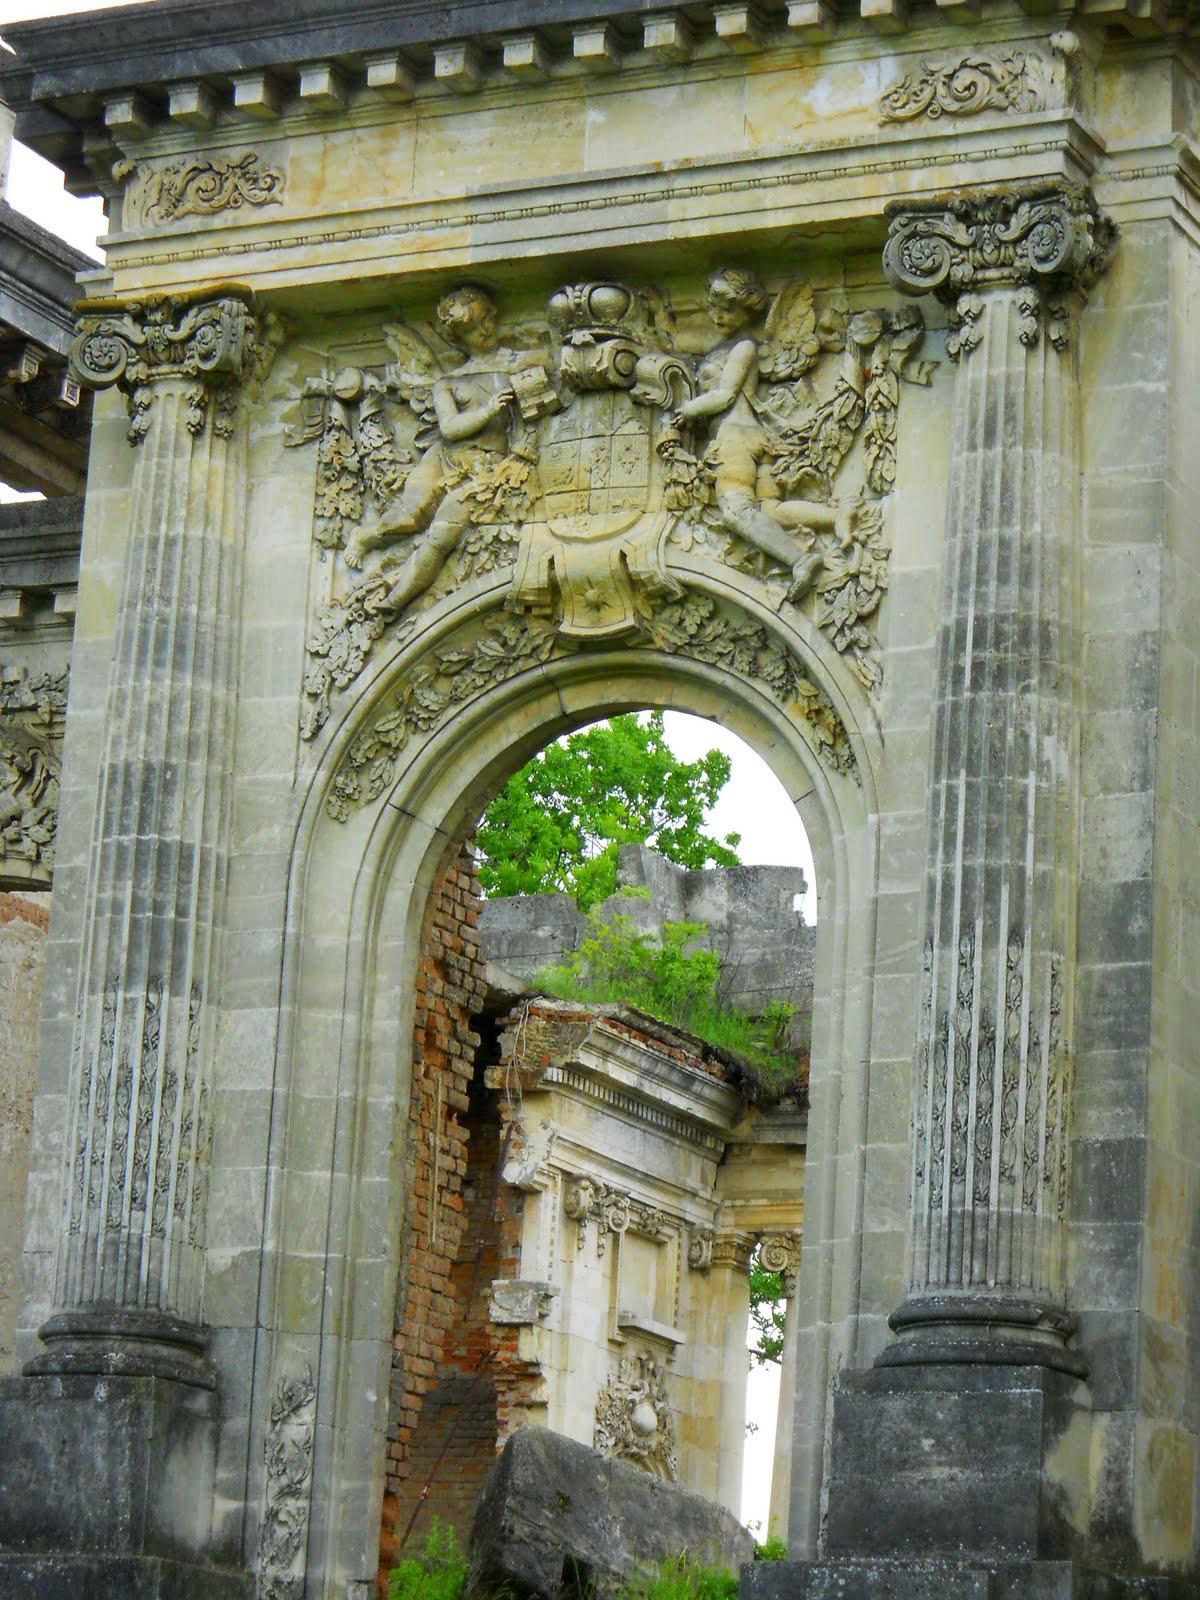 Finisajul exterior al Palatului a fost realizat cu calcar alb de Albești - un material foarte prețios la vremea respectivă